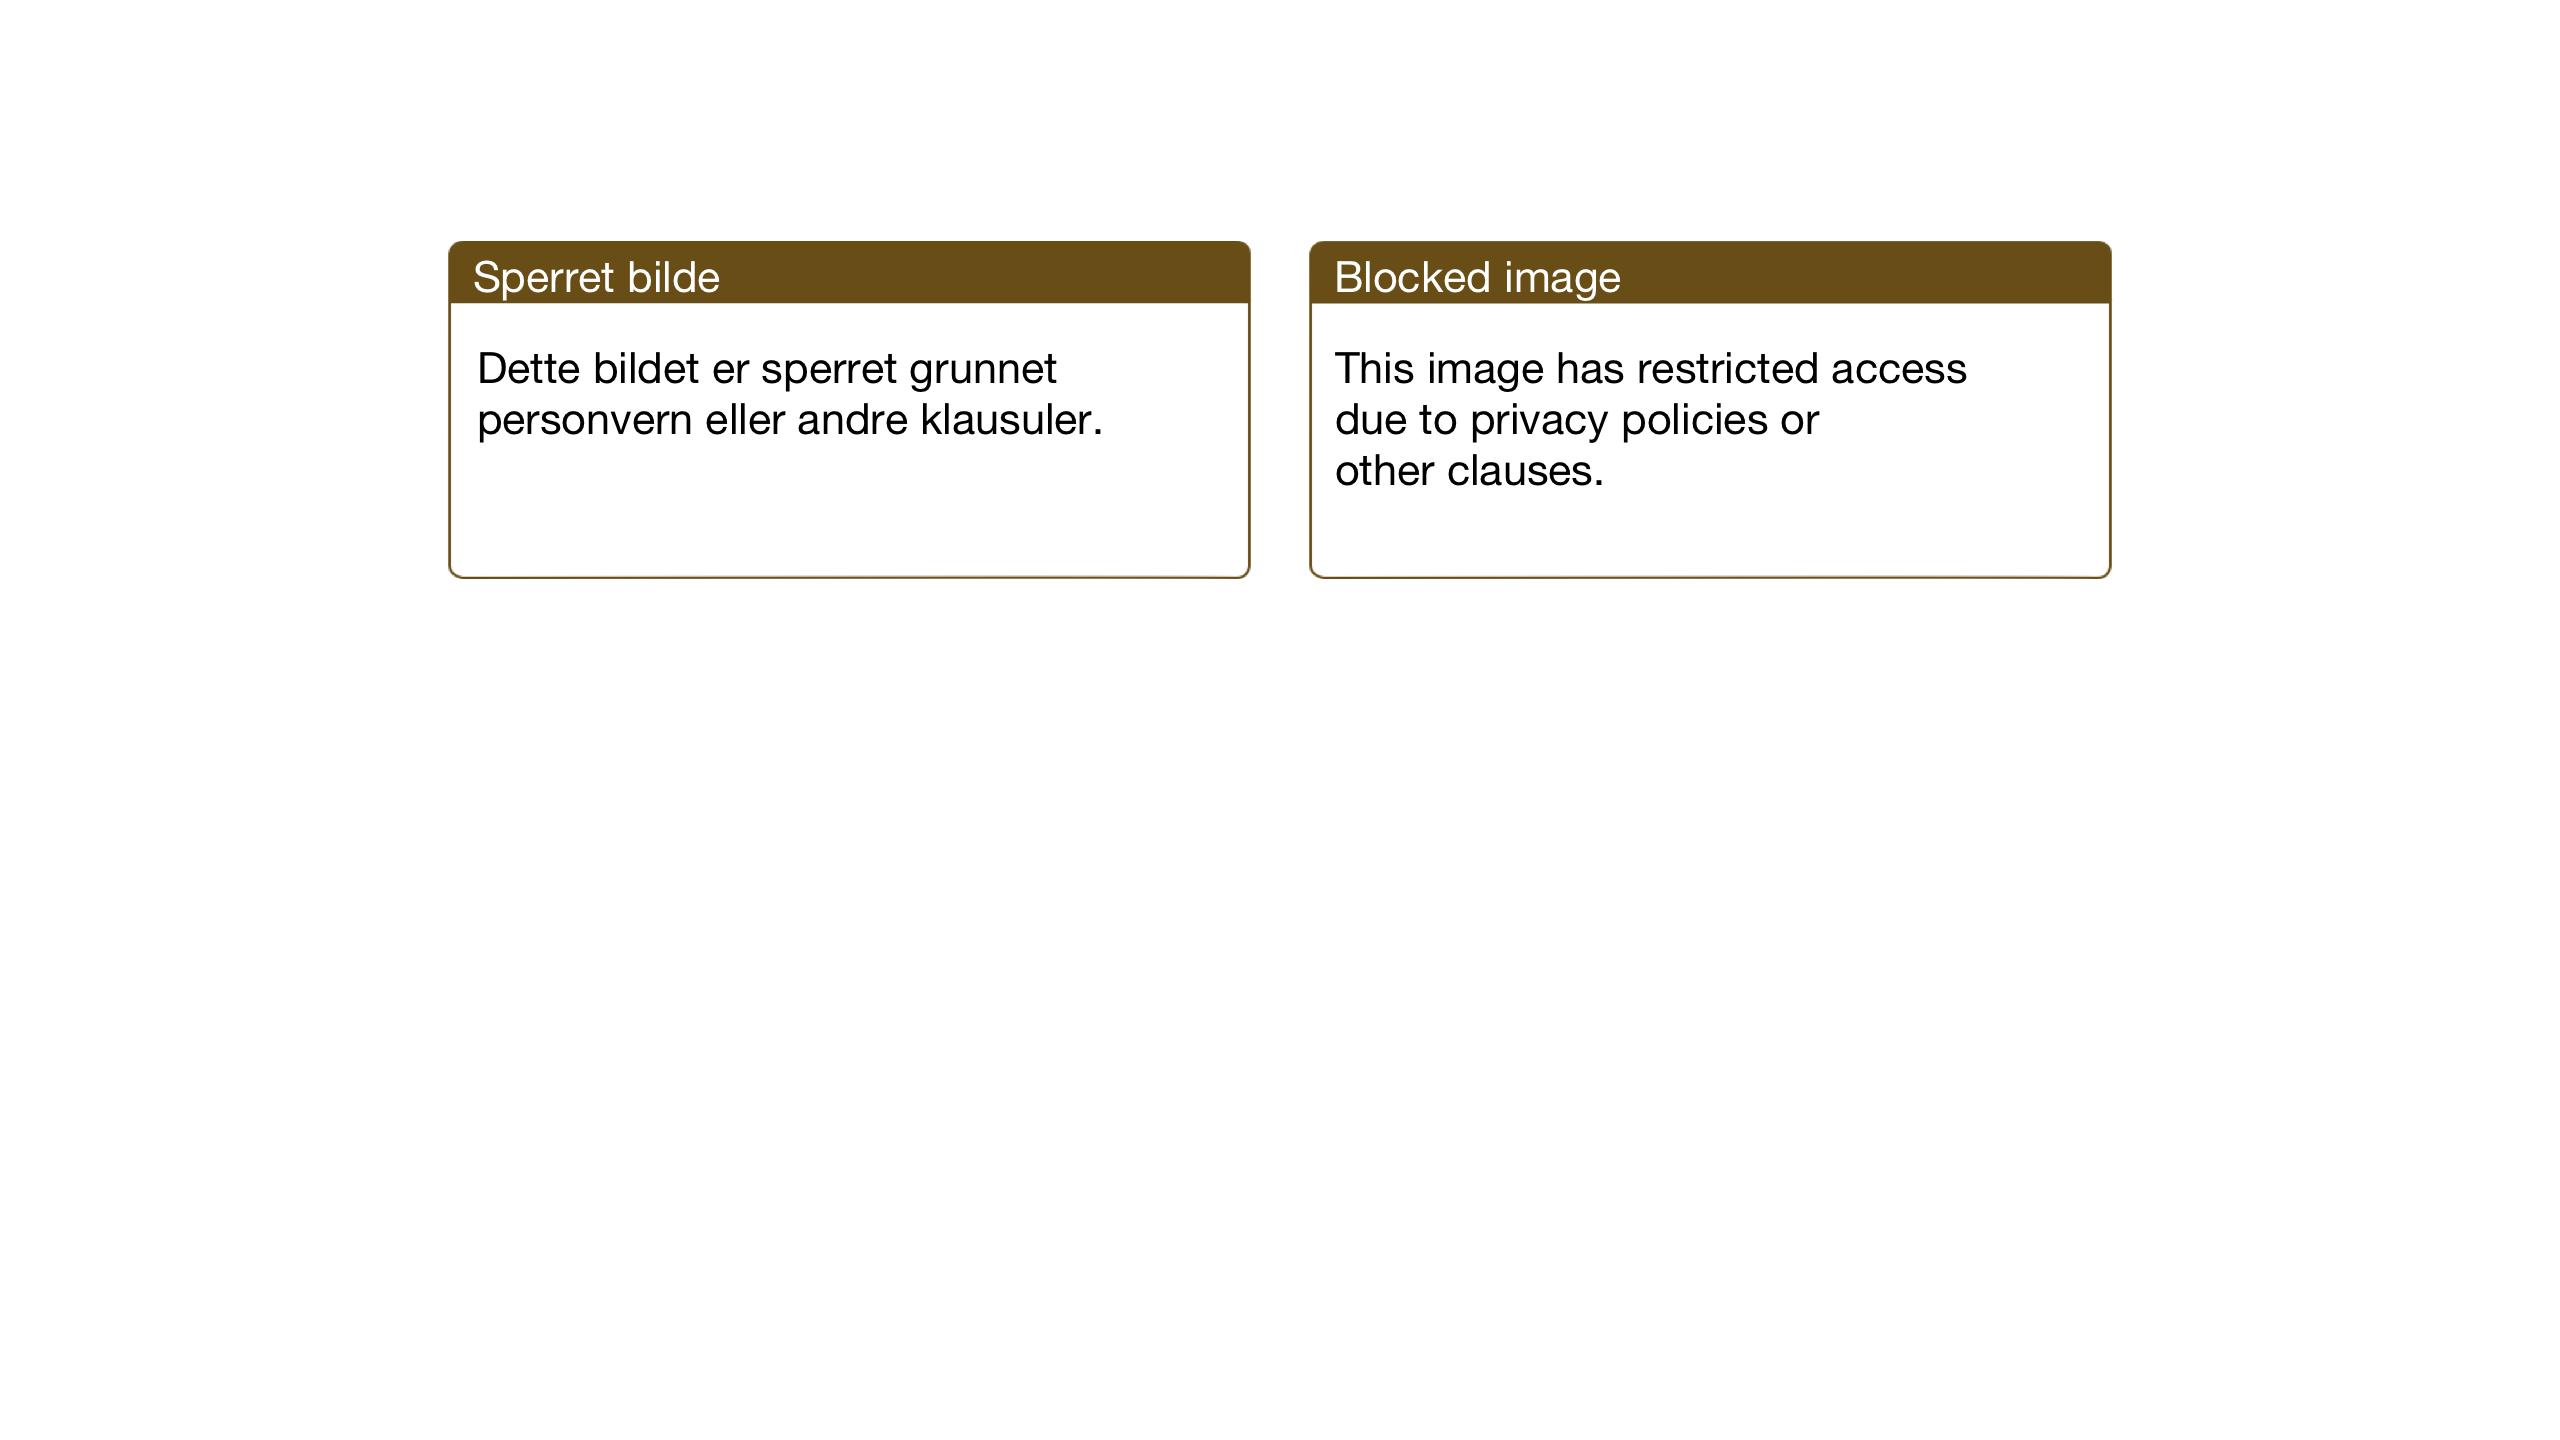 RA, Justisdepartementet, Sivilavdelingen (RA/S-6490), 2000, s. 72